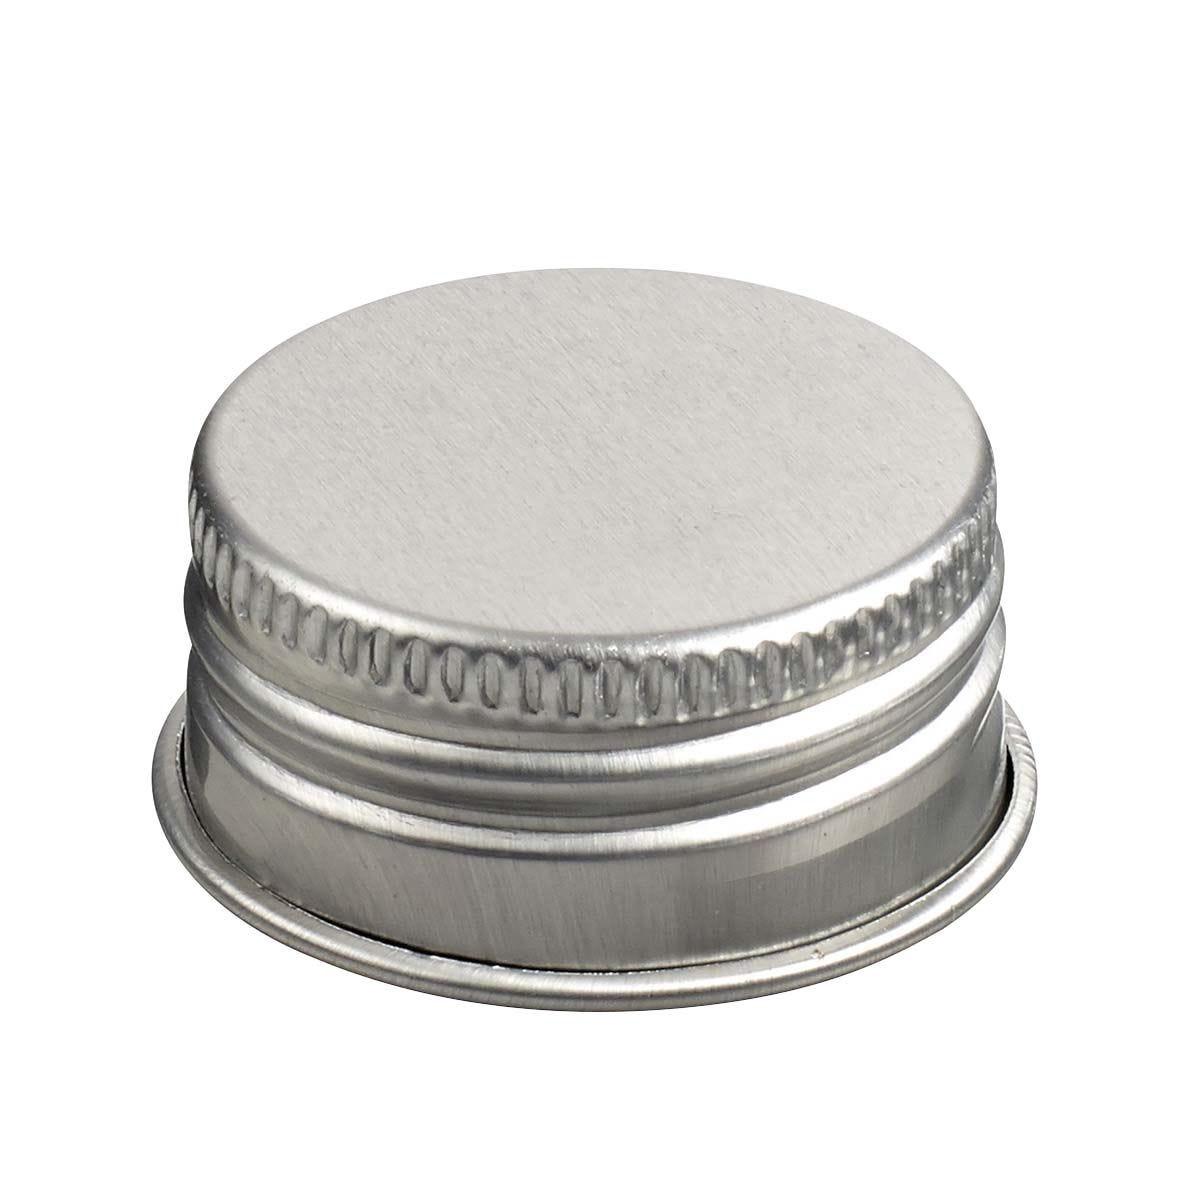 Bouchon aluminium pour flacon PERRETTE - par 100